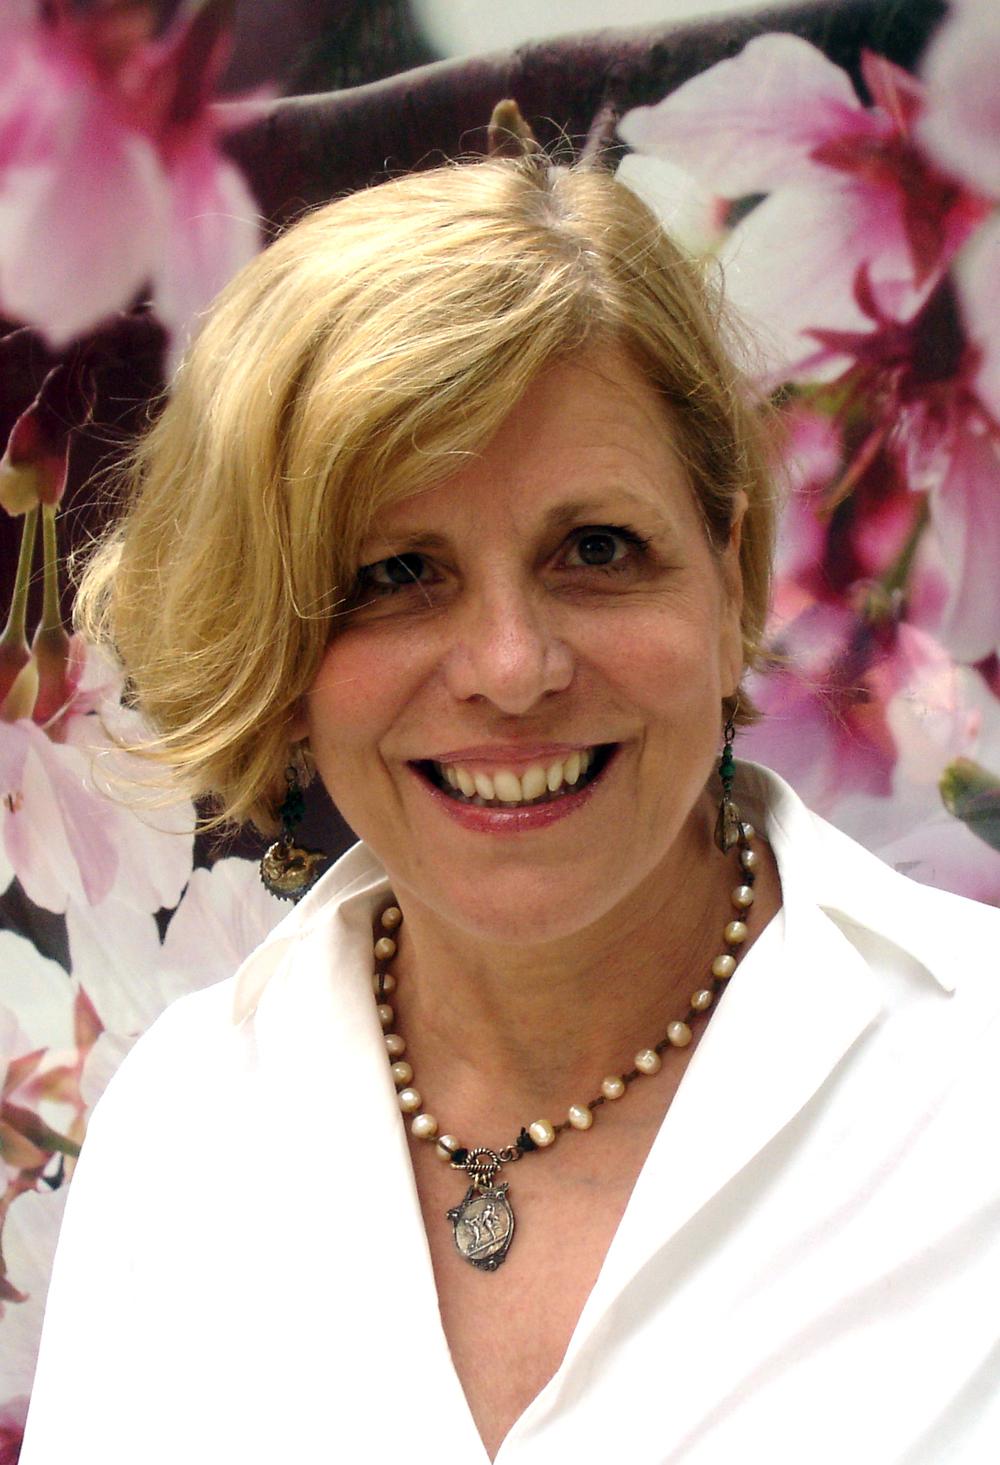 香莎莉女士,智星教育咨询董事长,曾在哈佛大学担任了21年的高级招生官员